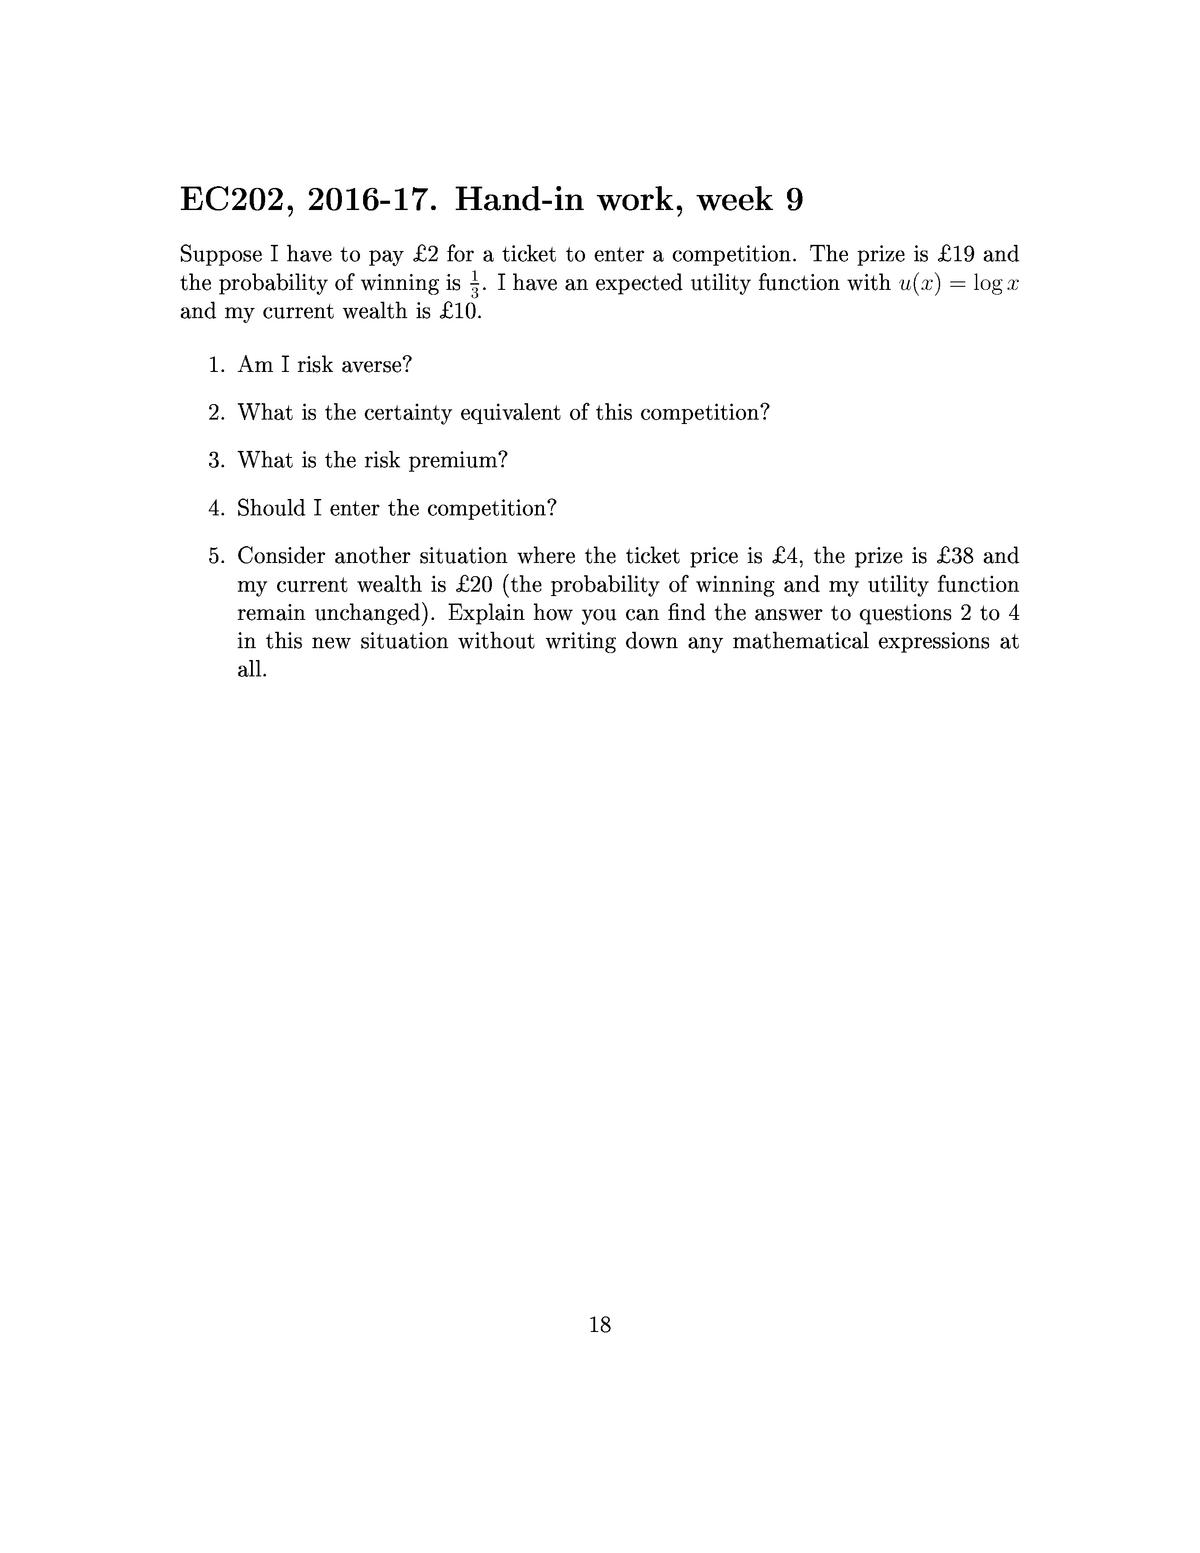 EC202 2016-2017 Assignment Week 9 + Solutions - EC202